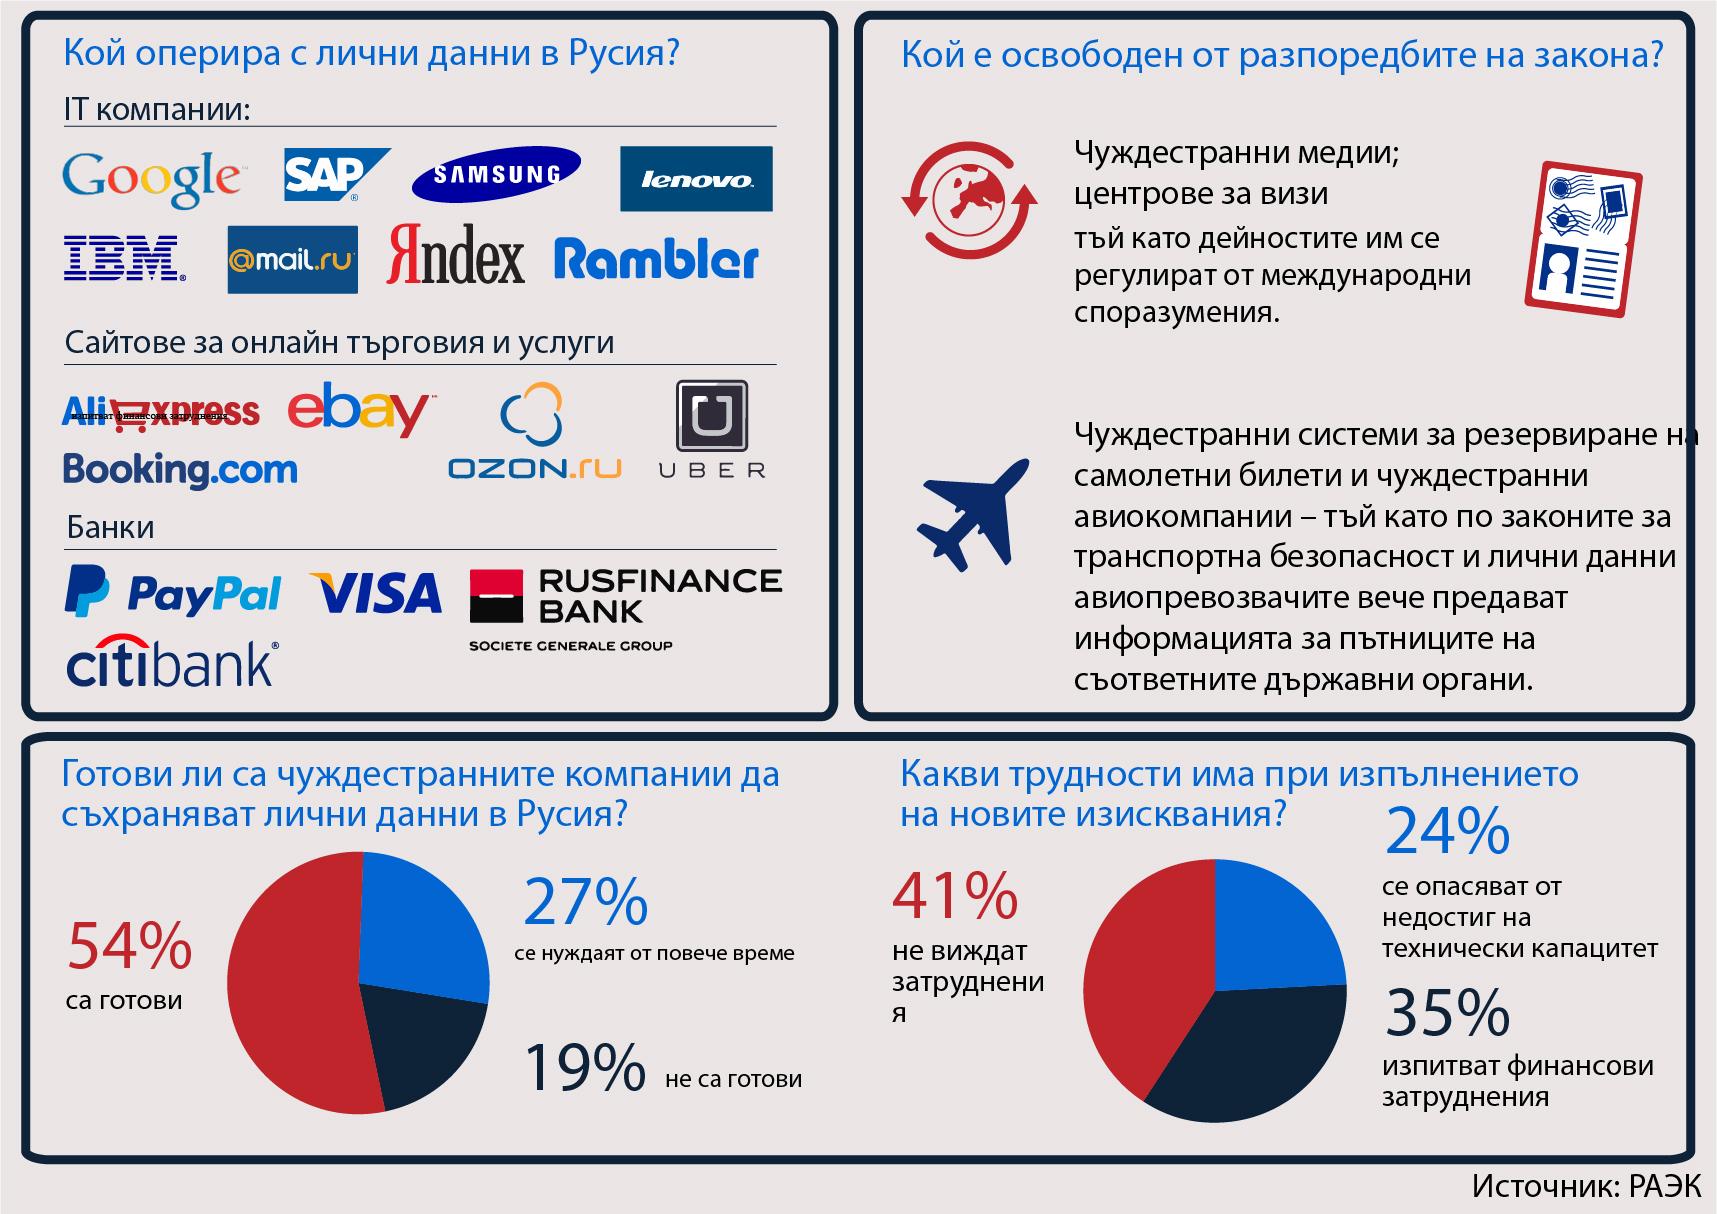 От 1 септември чуждестранните фирми, развиващи дейност в Русия, са задължени по закон да съхраняват личните данни на руските граждани в Русия.